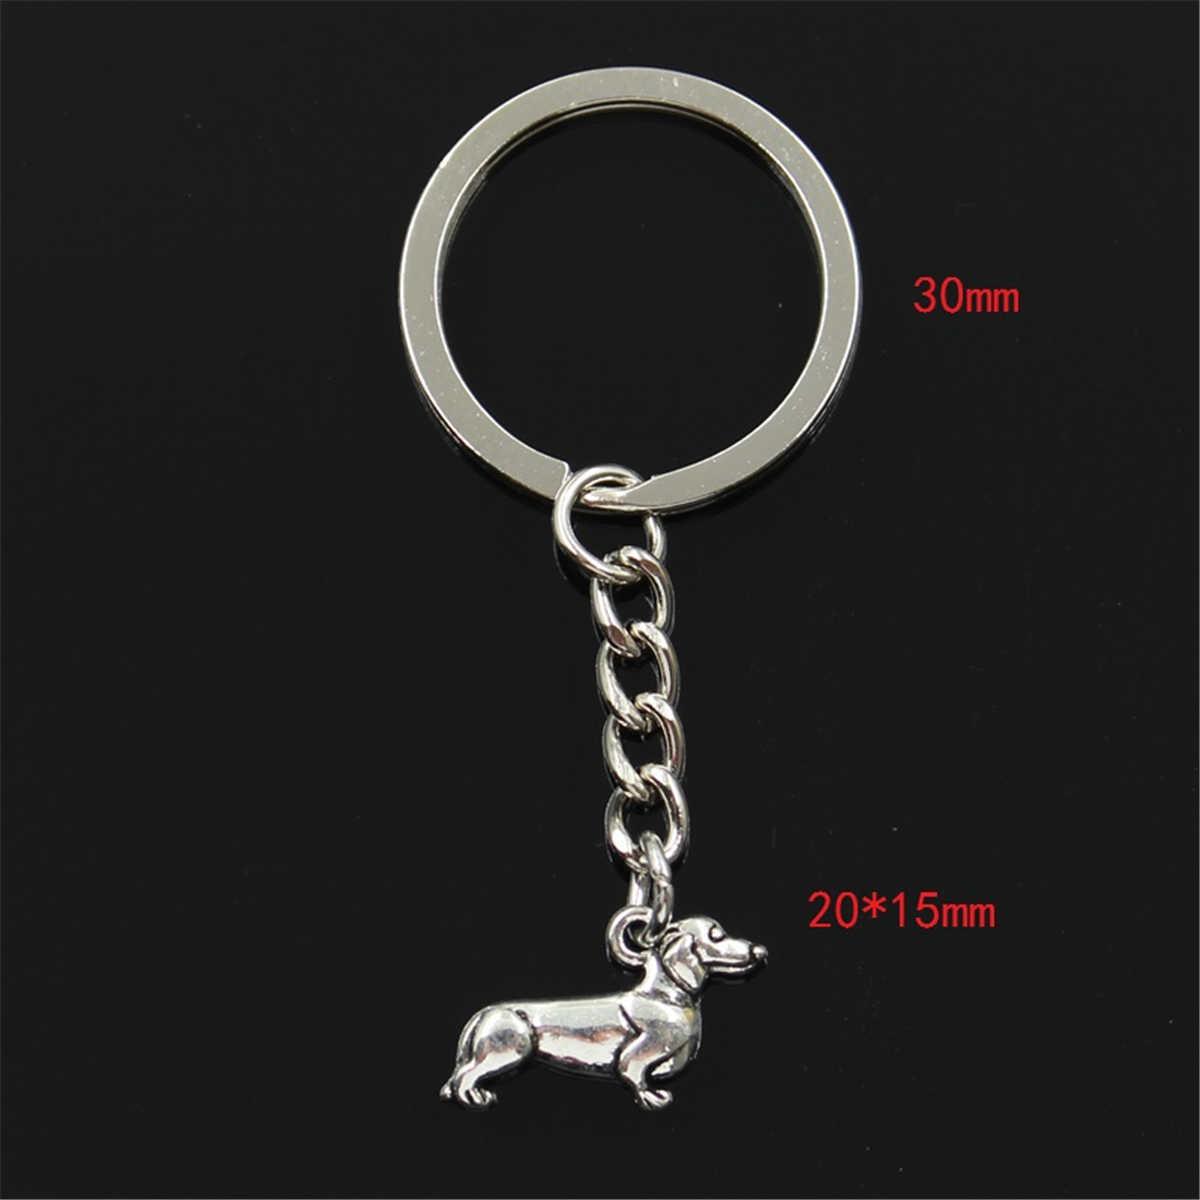 Новая мода для мужчин 30 мм брелок DIY металлический держатель цепочка винтажная Собака Такса 20x15 мм Серебряный кулон подарок